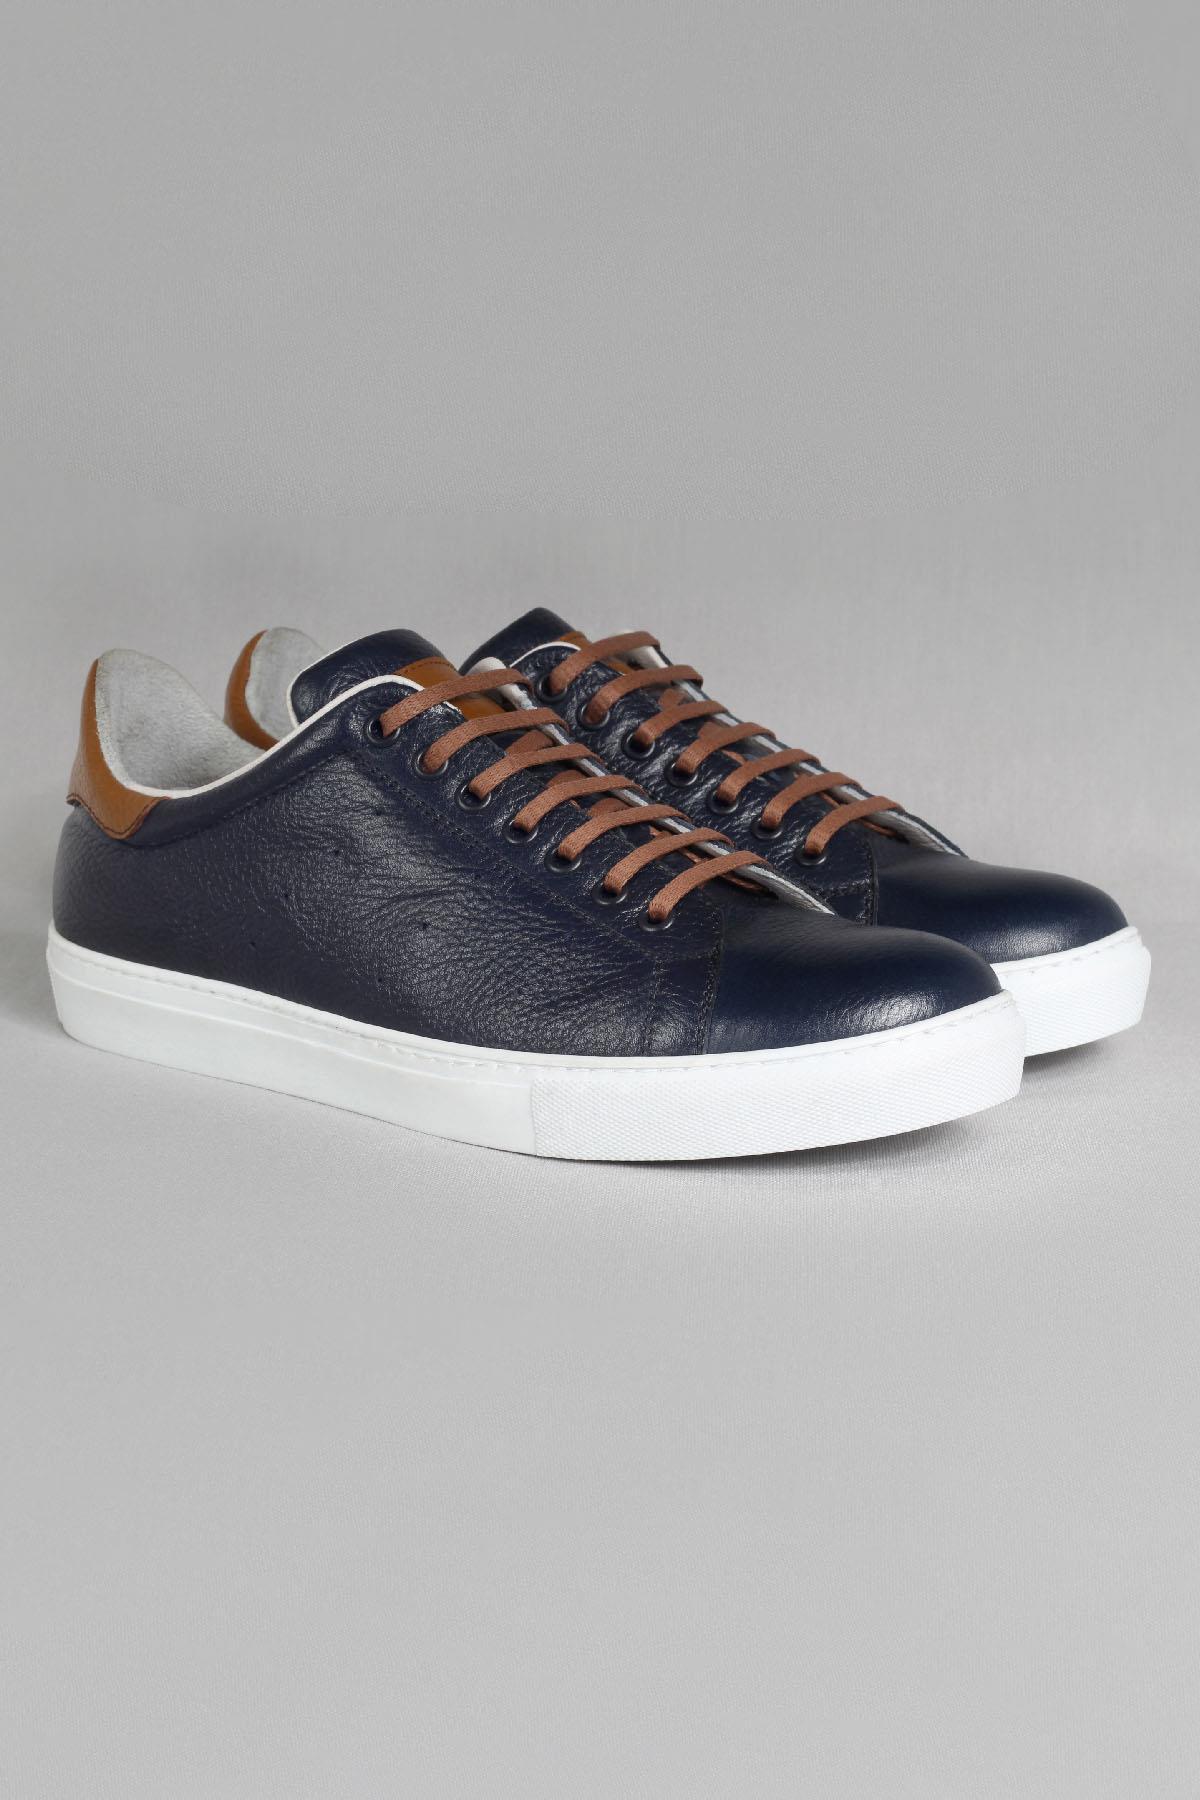 Buyuksun Hakiki Deri Erkek Sneaker Extra Pedleme Spor Ayakkabı 36.173.11